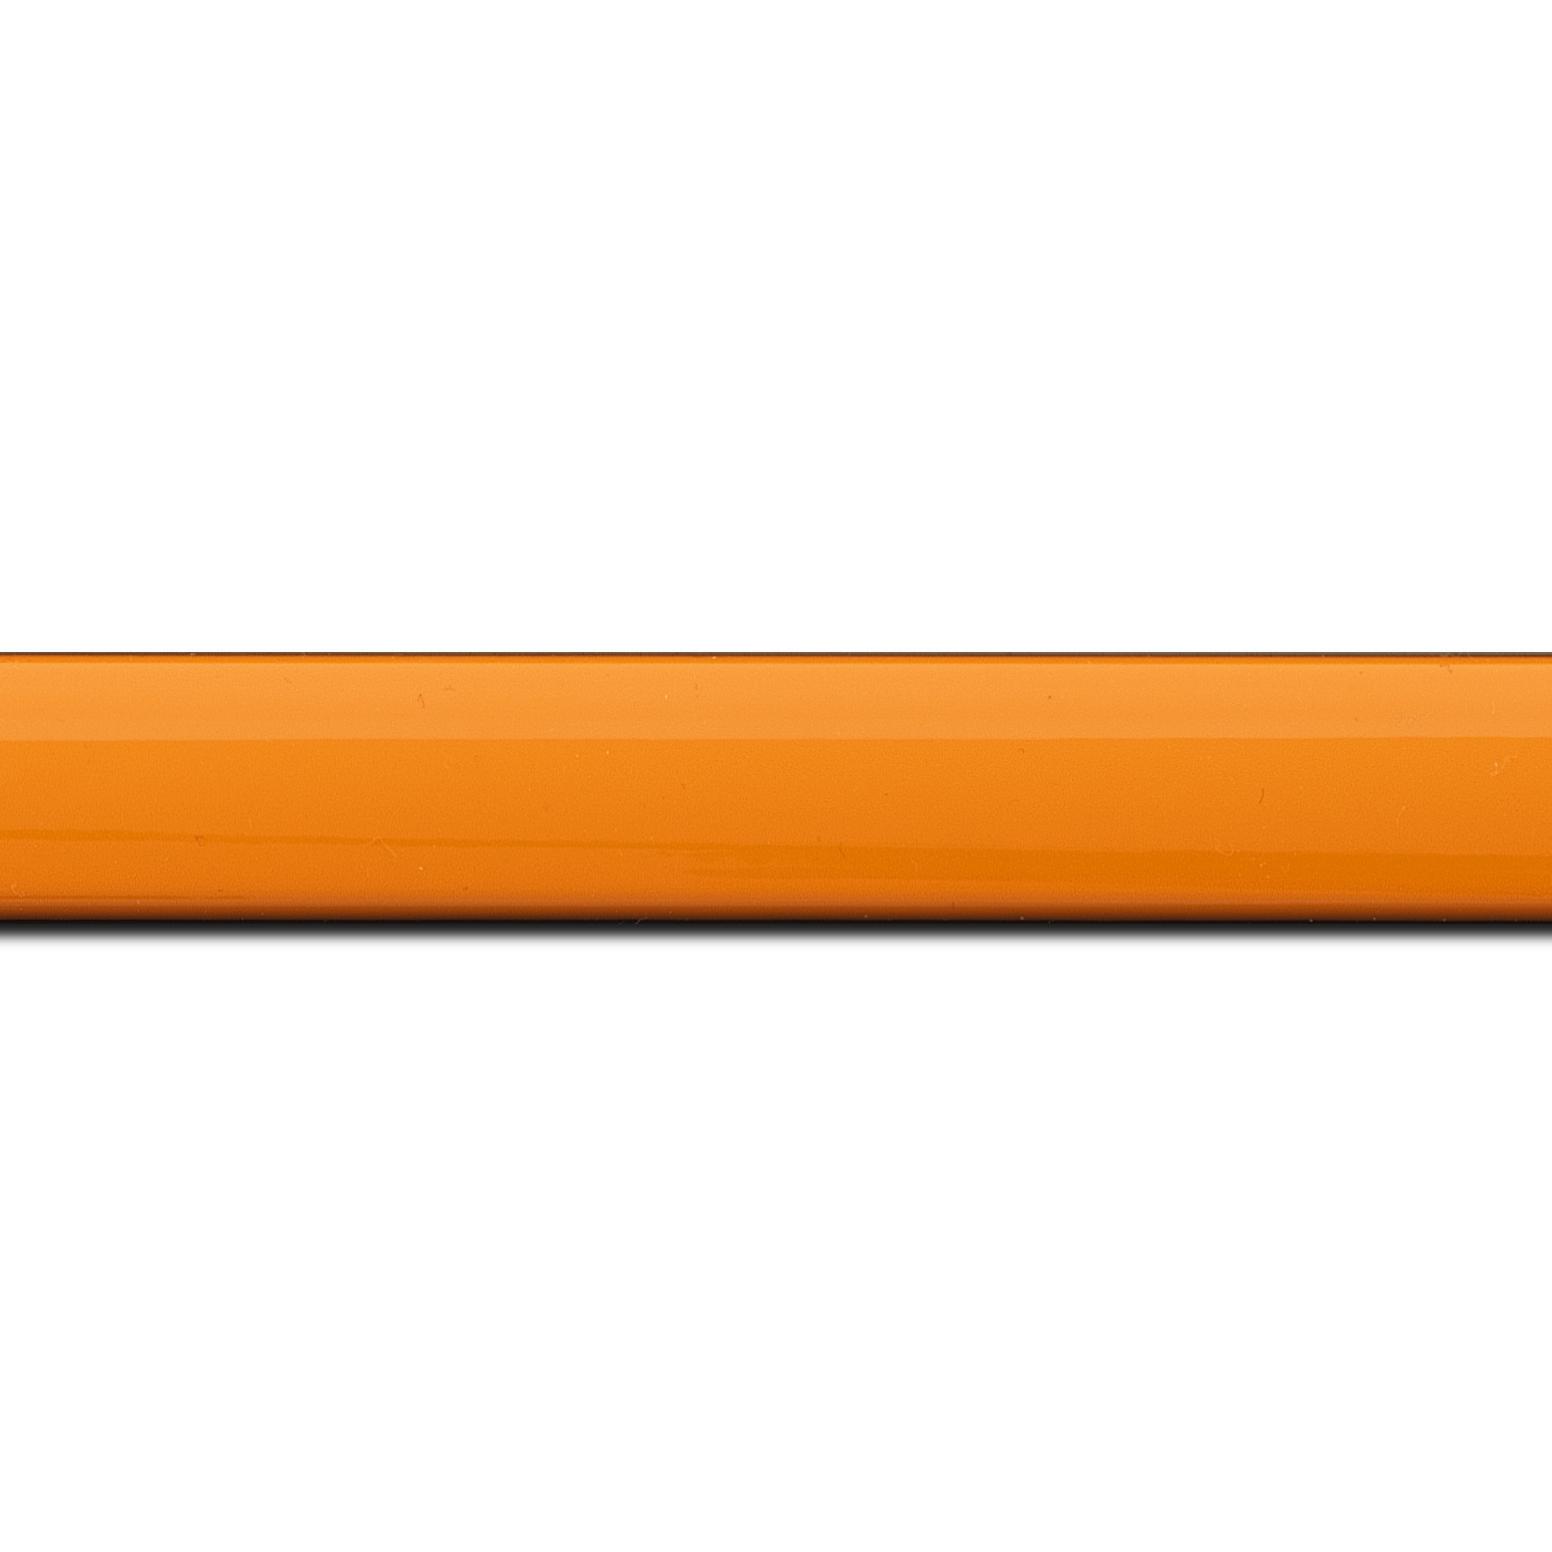 Pack par 12m, bois profil méplat largeur 2.3cm couleur orange laqué (longueur baguette pouvant varier entre 2.40m et 3m selon arrivage des bois)